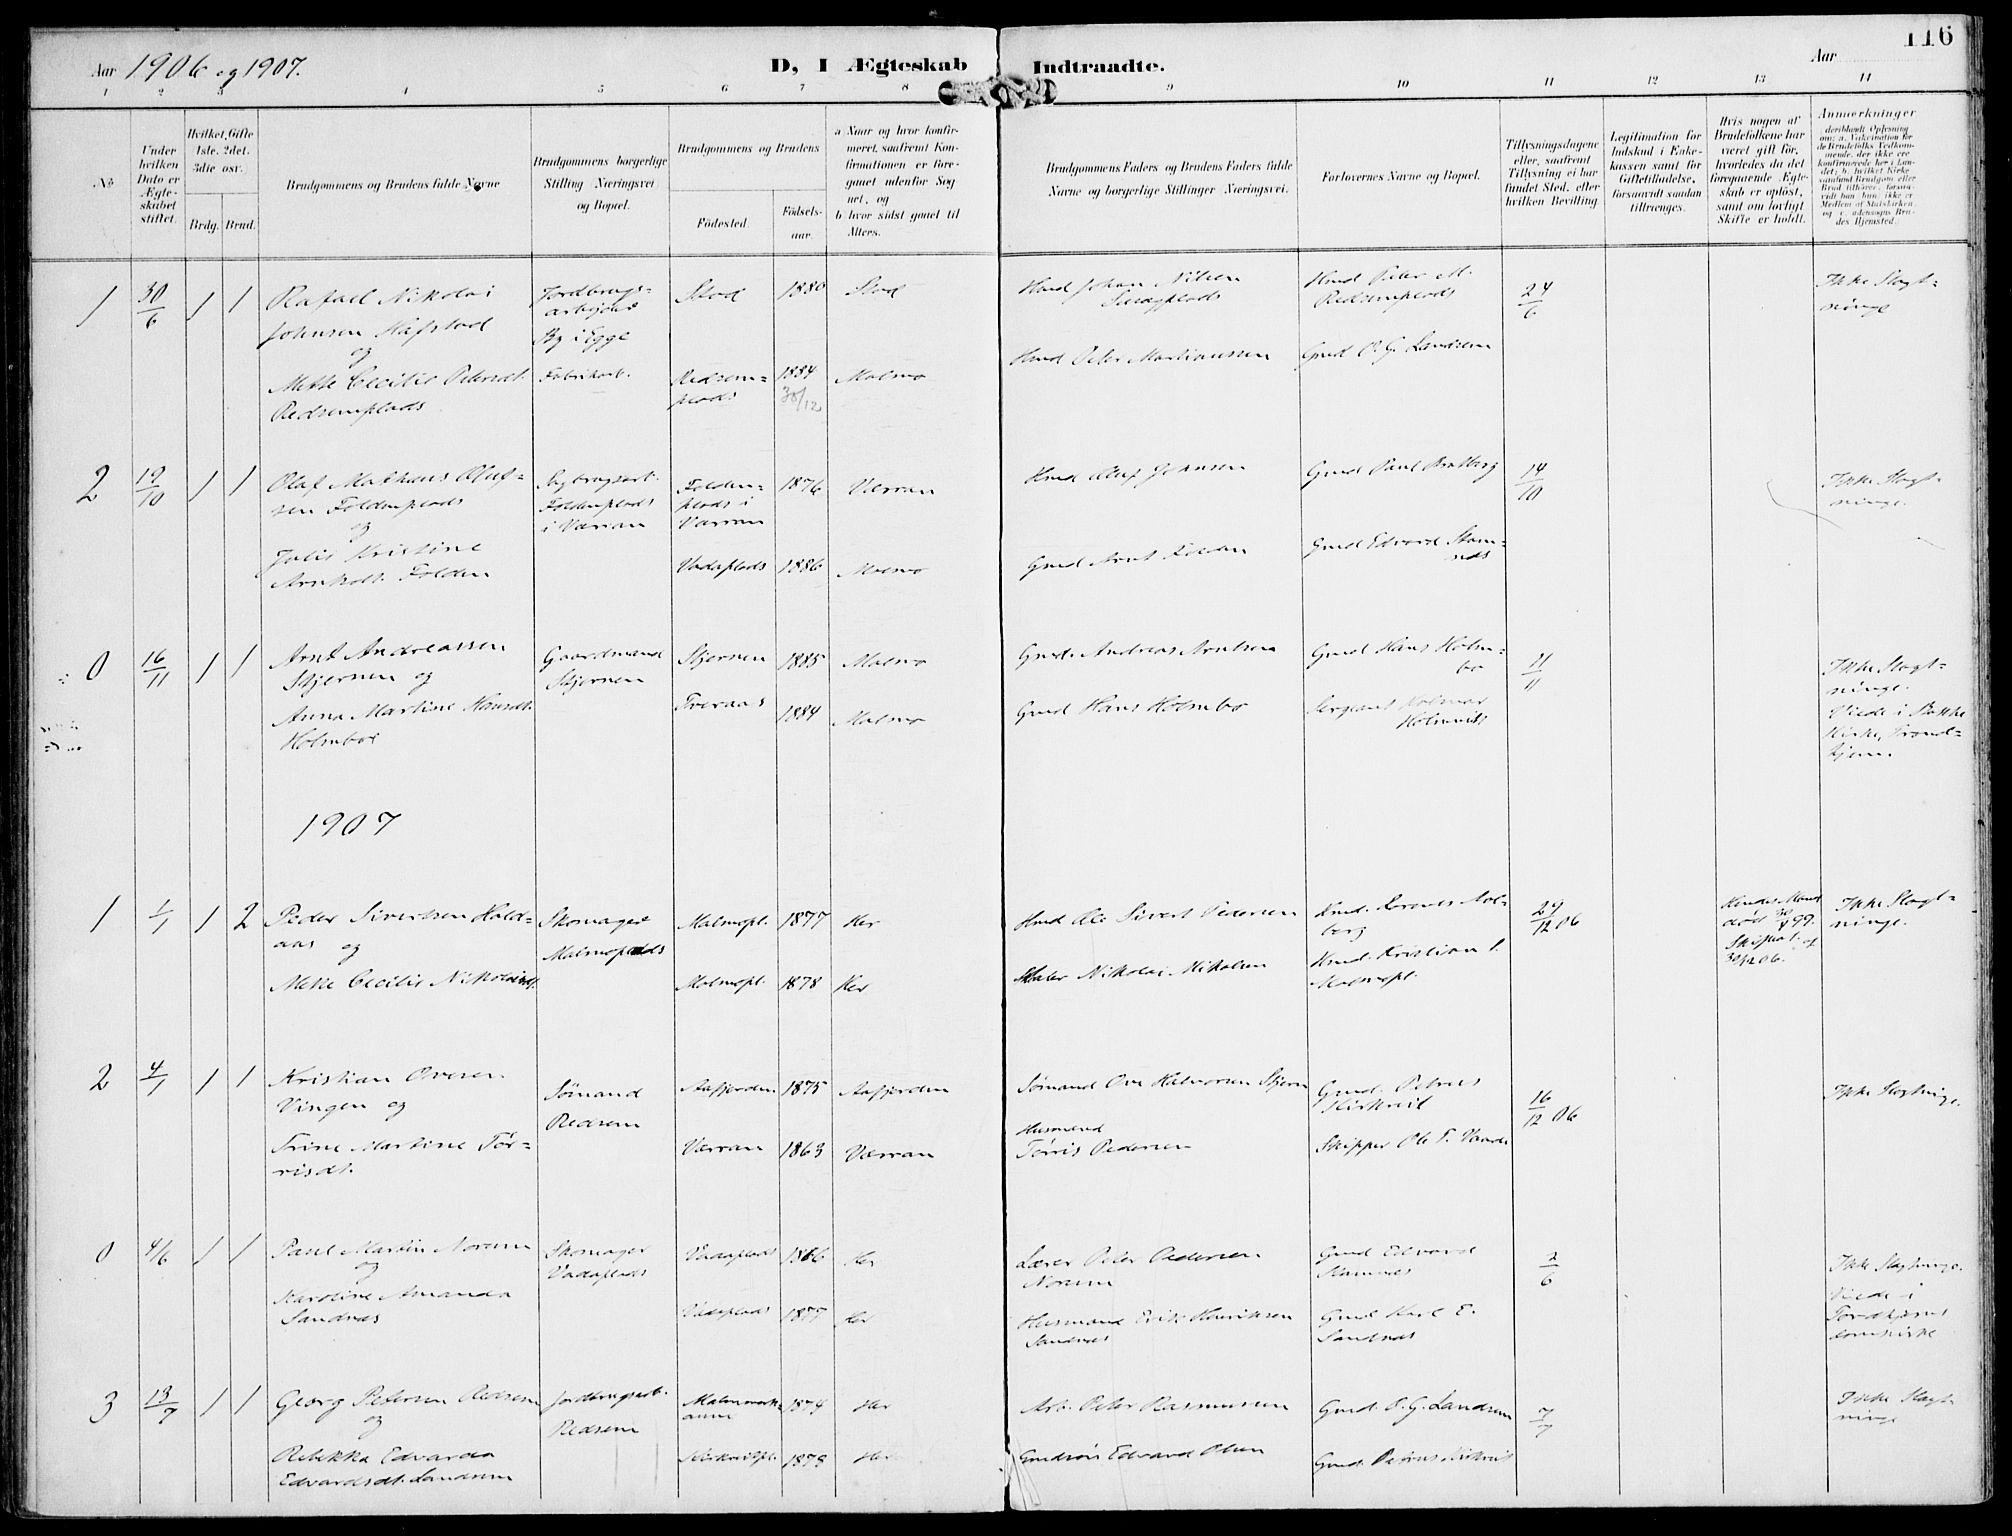 SAT, Ministerialprotokoller, klokkerbøker og fødselsregistre - Nord-Trøndelag, 745/L0430: Ministerialbok nr. 745A02, 1895-1913, s. 116